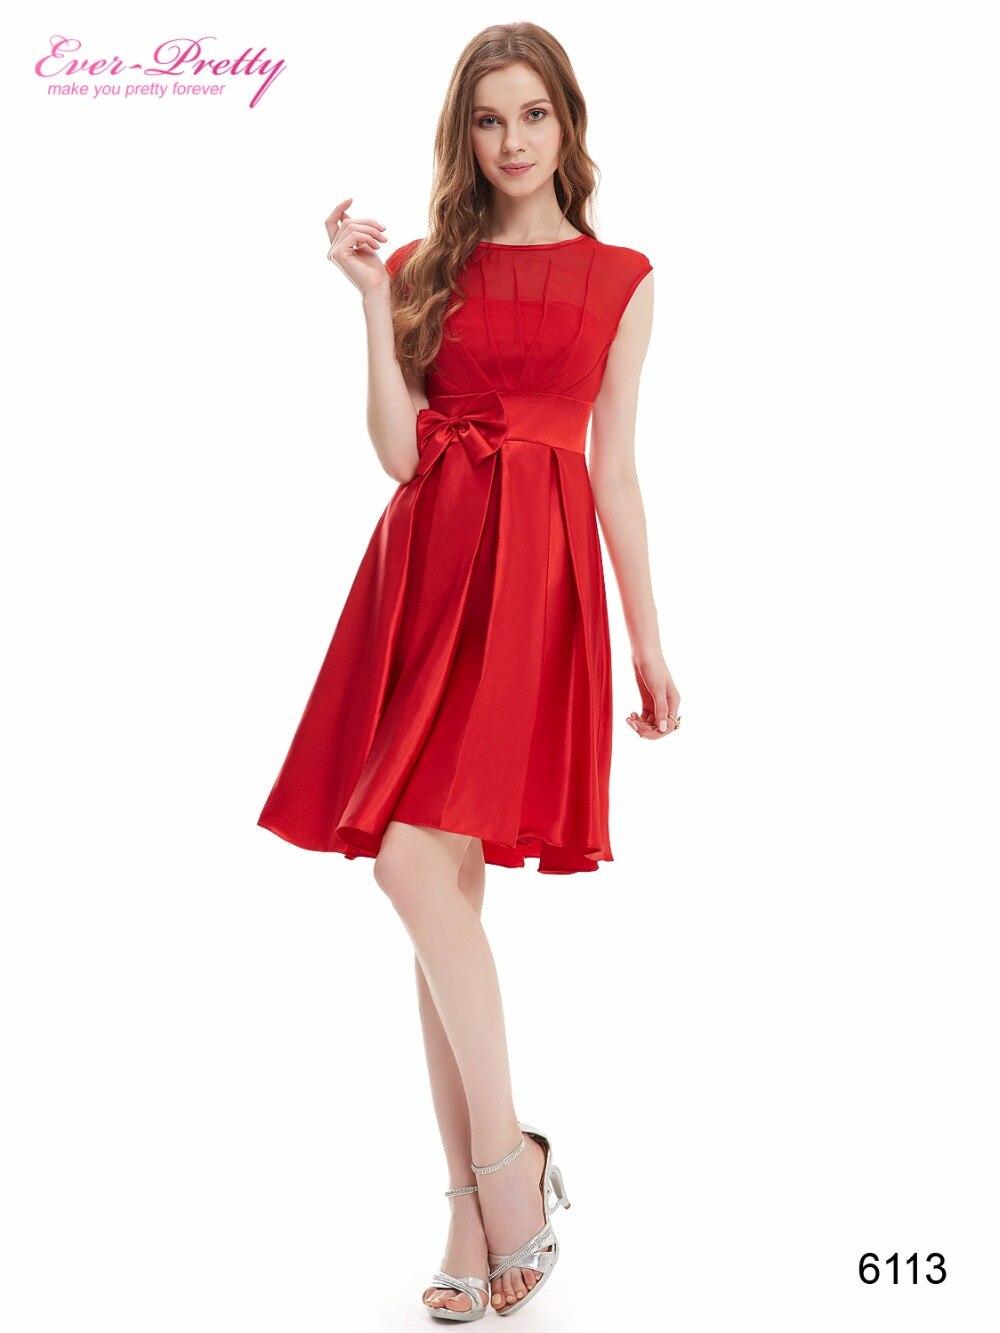 [Clearance Sale] Elegant Cocktail Dresses Ever Pretty HE06113 Women Satin Short Dresses Sexy vestidos cortos de cocktail Size 14